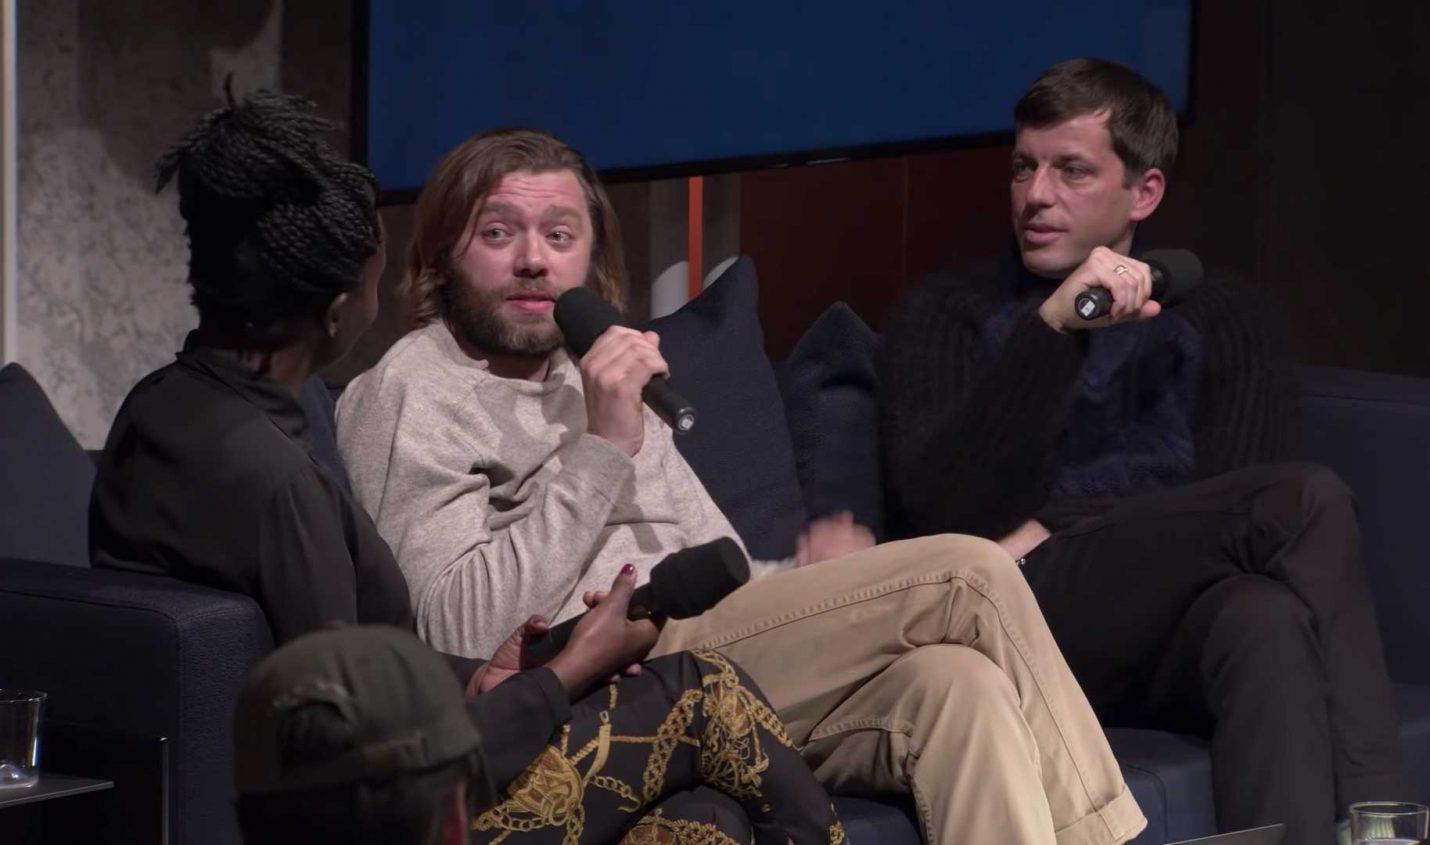 Vor der Schließung: Red Bull Music Academy gibt Interview-Archiv frei